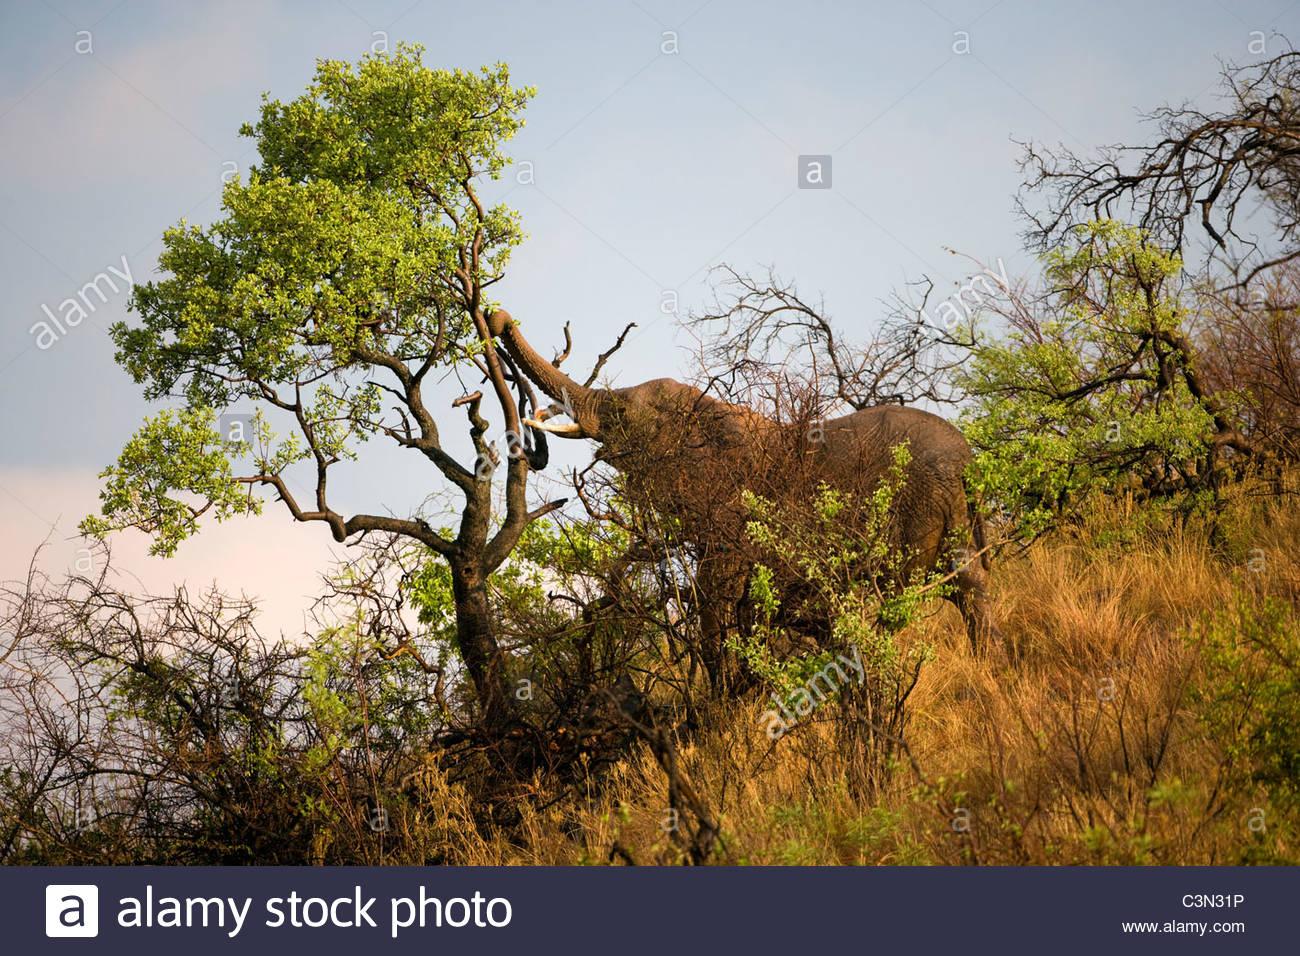 South Africa, near Rustenburg, Pilanesberg National Park. African Elephant, Loxodonta africana, eating. - Stock Image